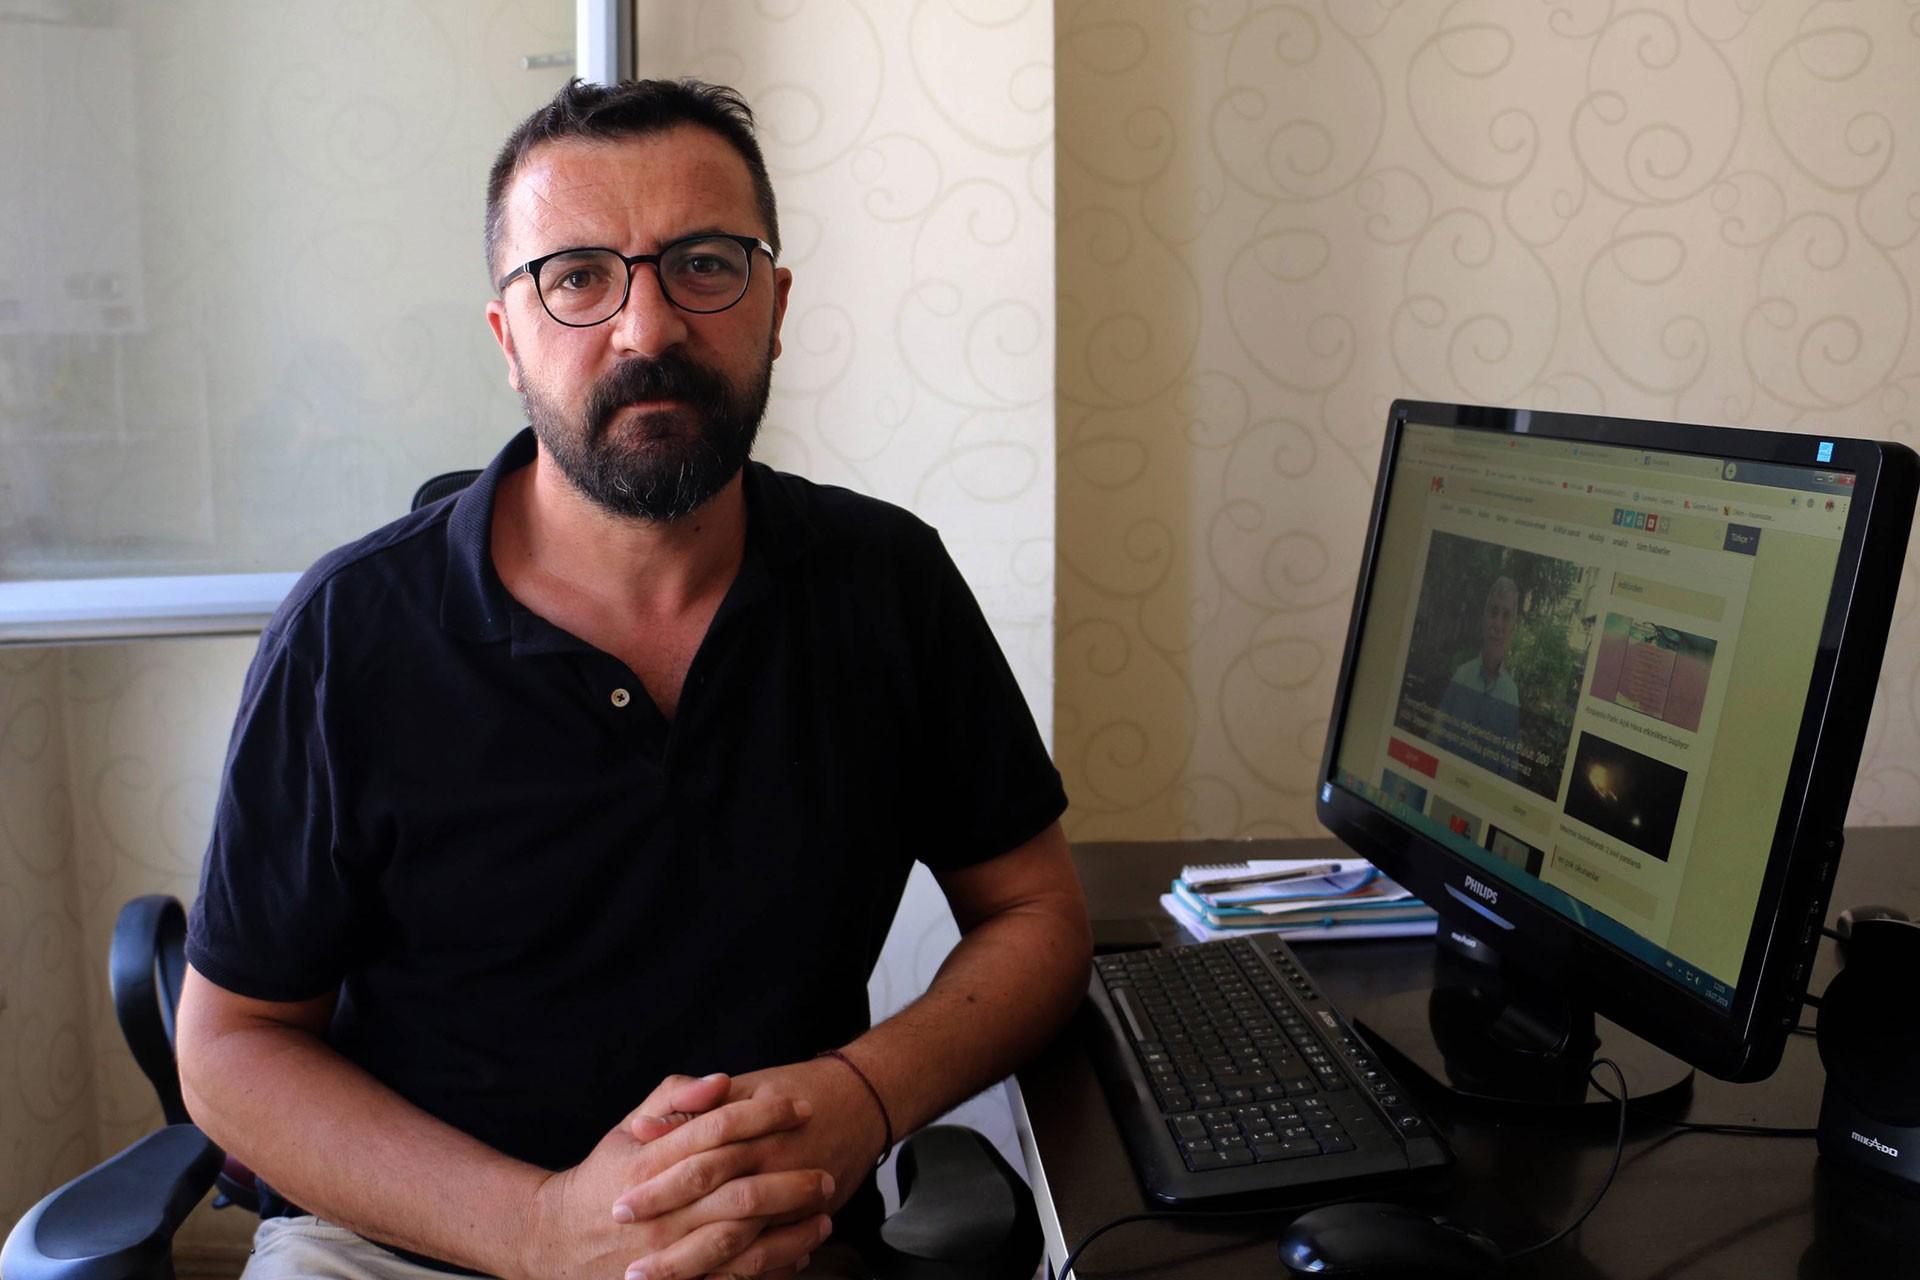 Gazeteci Adnan Bilen: Paylaşımım hakaret değil, eleştiridir